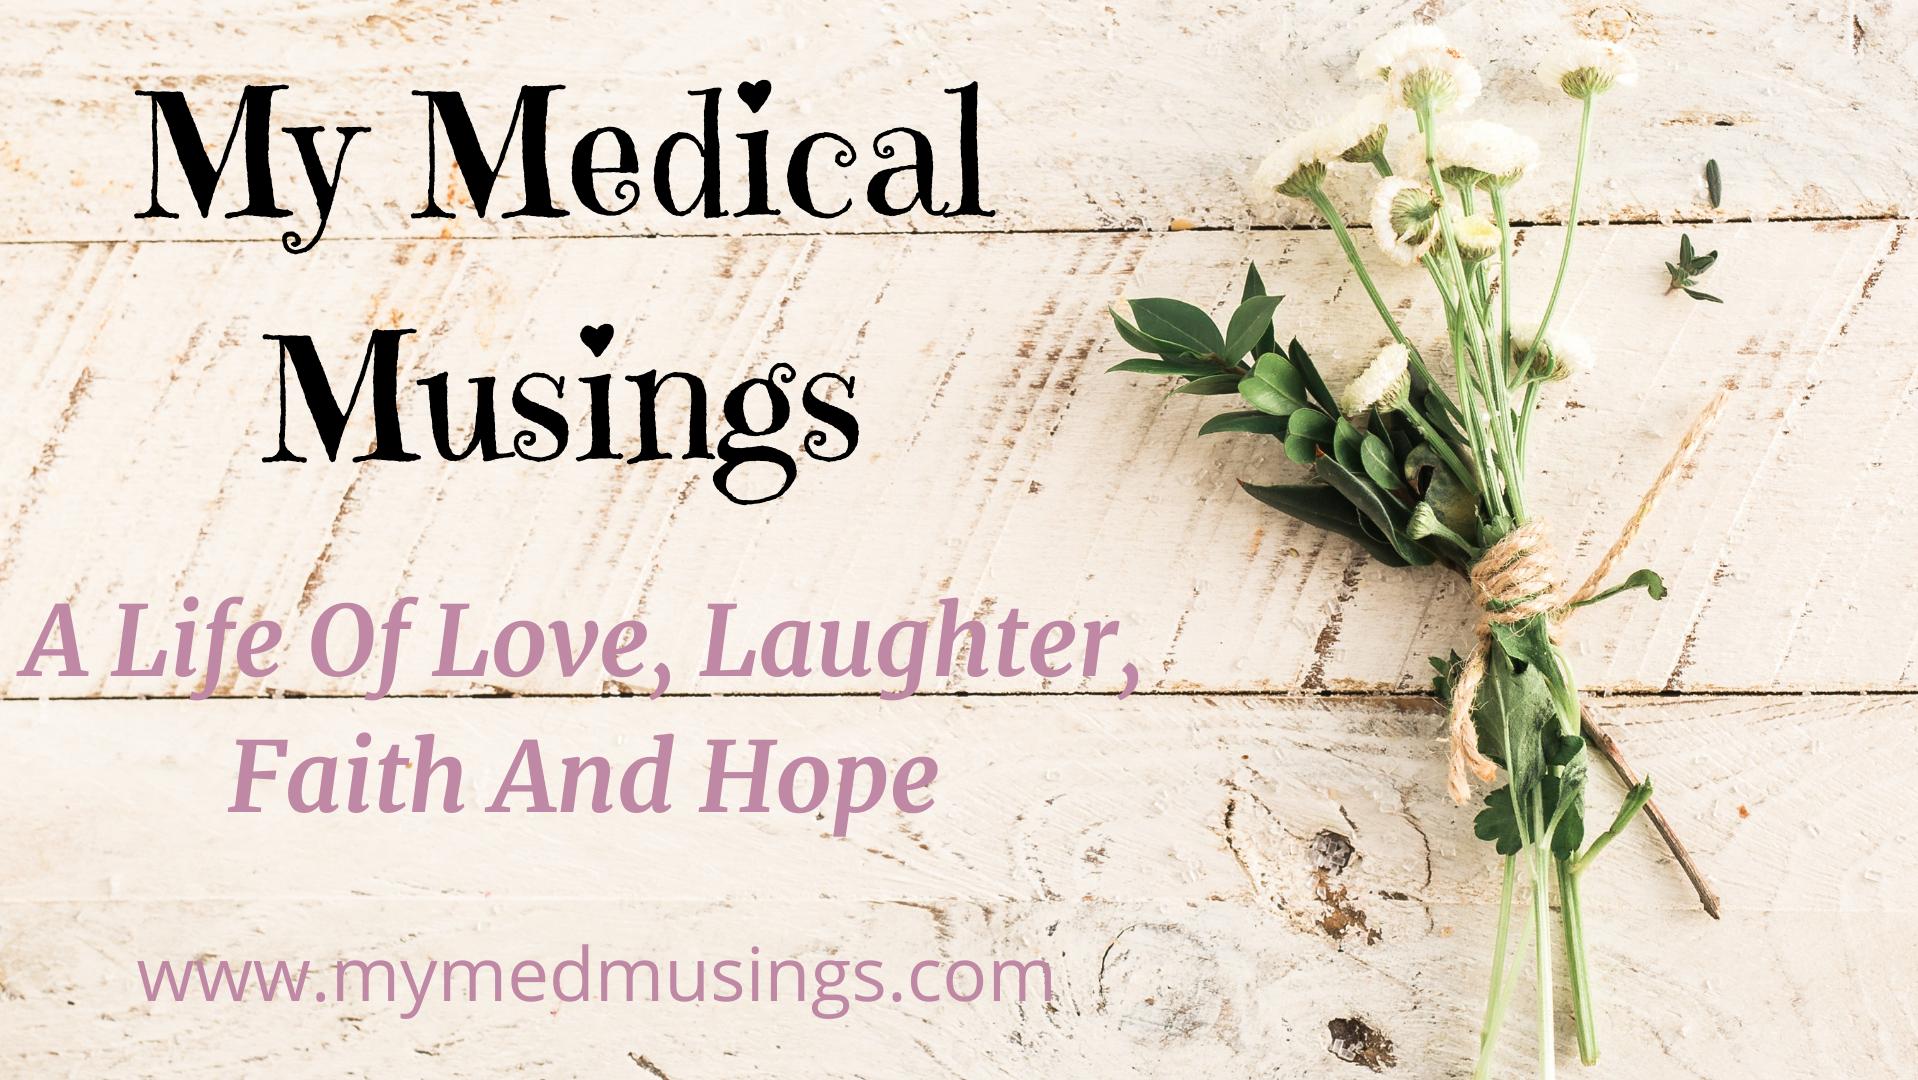 My Medical Musings